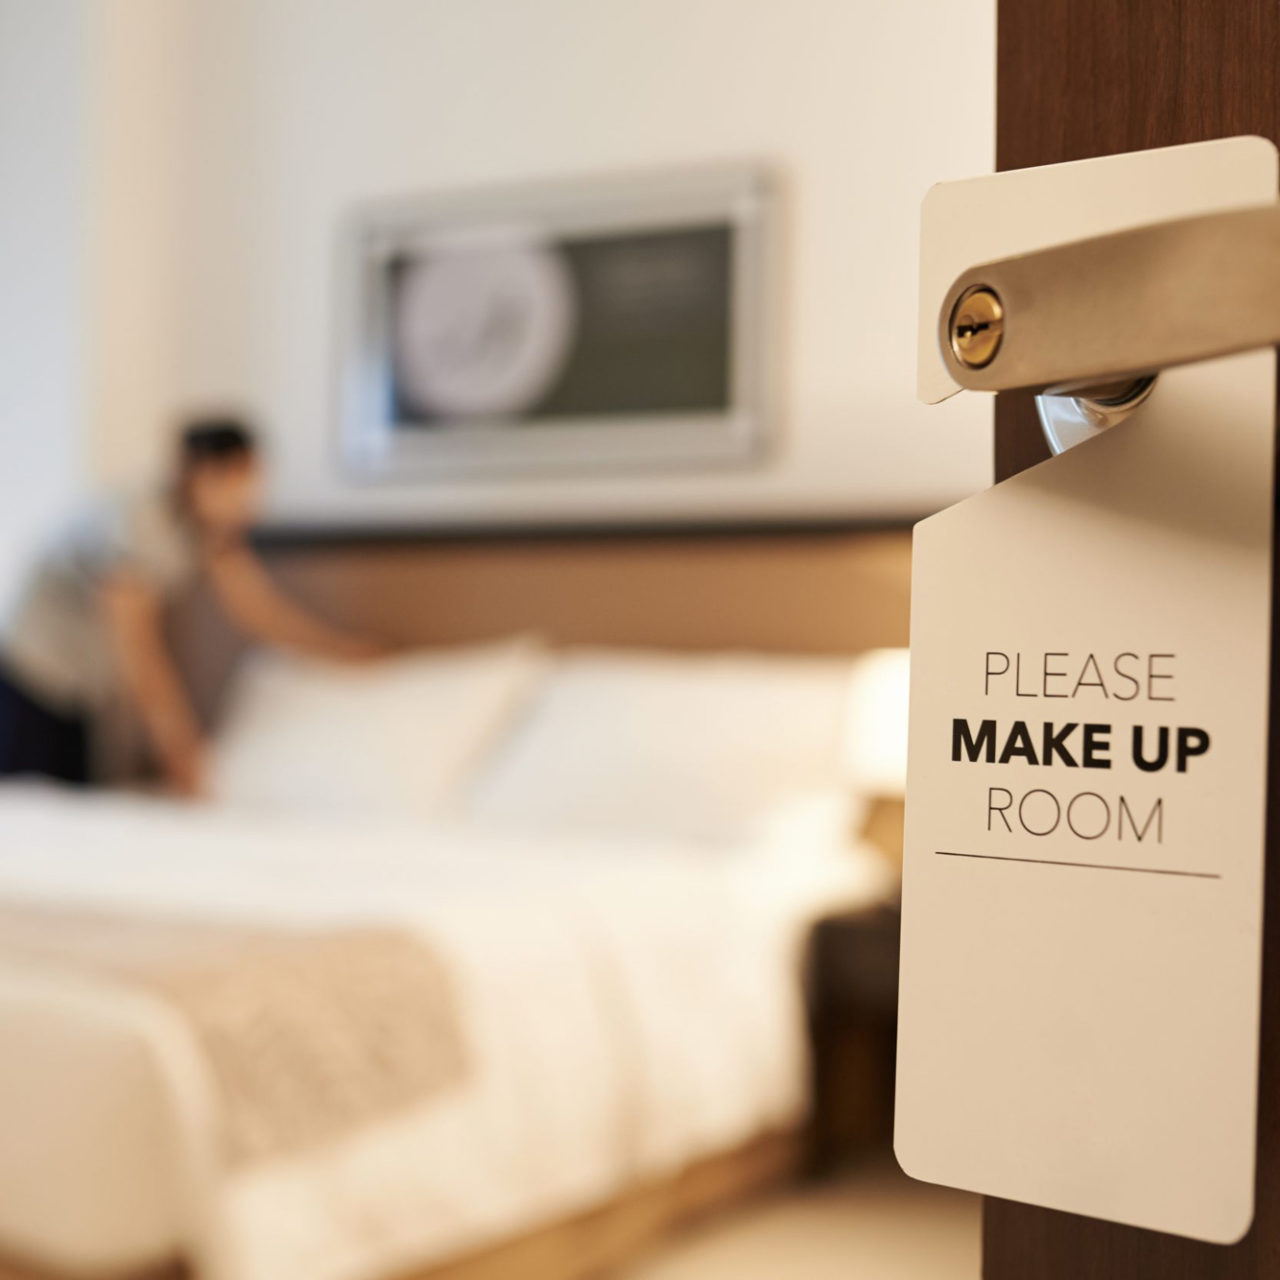 ¿Renunciarán los huéspedes a la limpieza diaria de sus habitaciones?